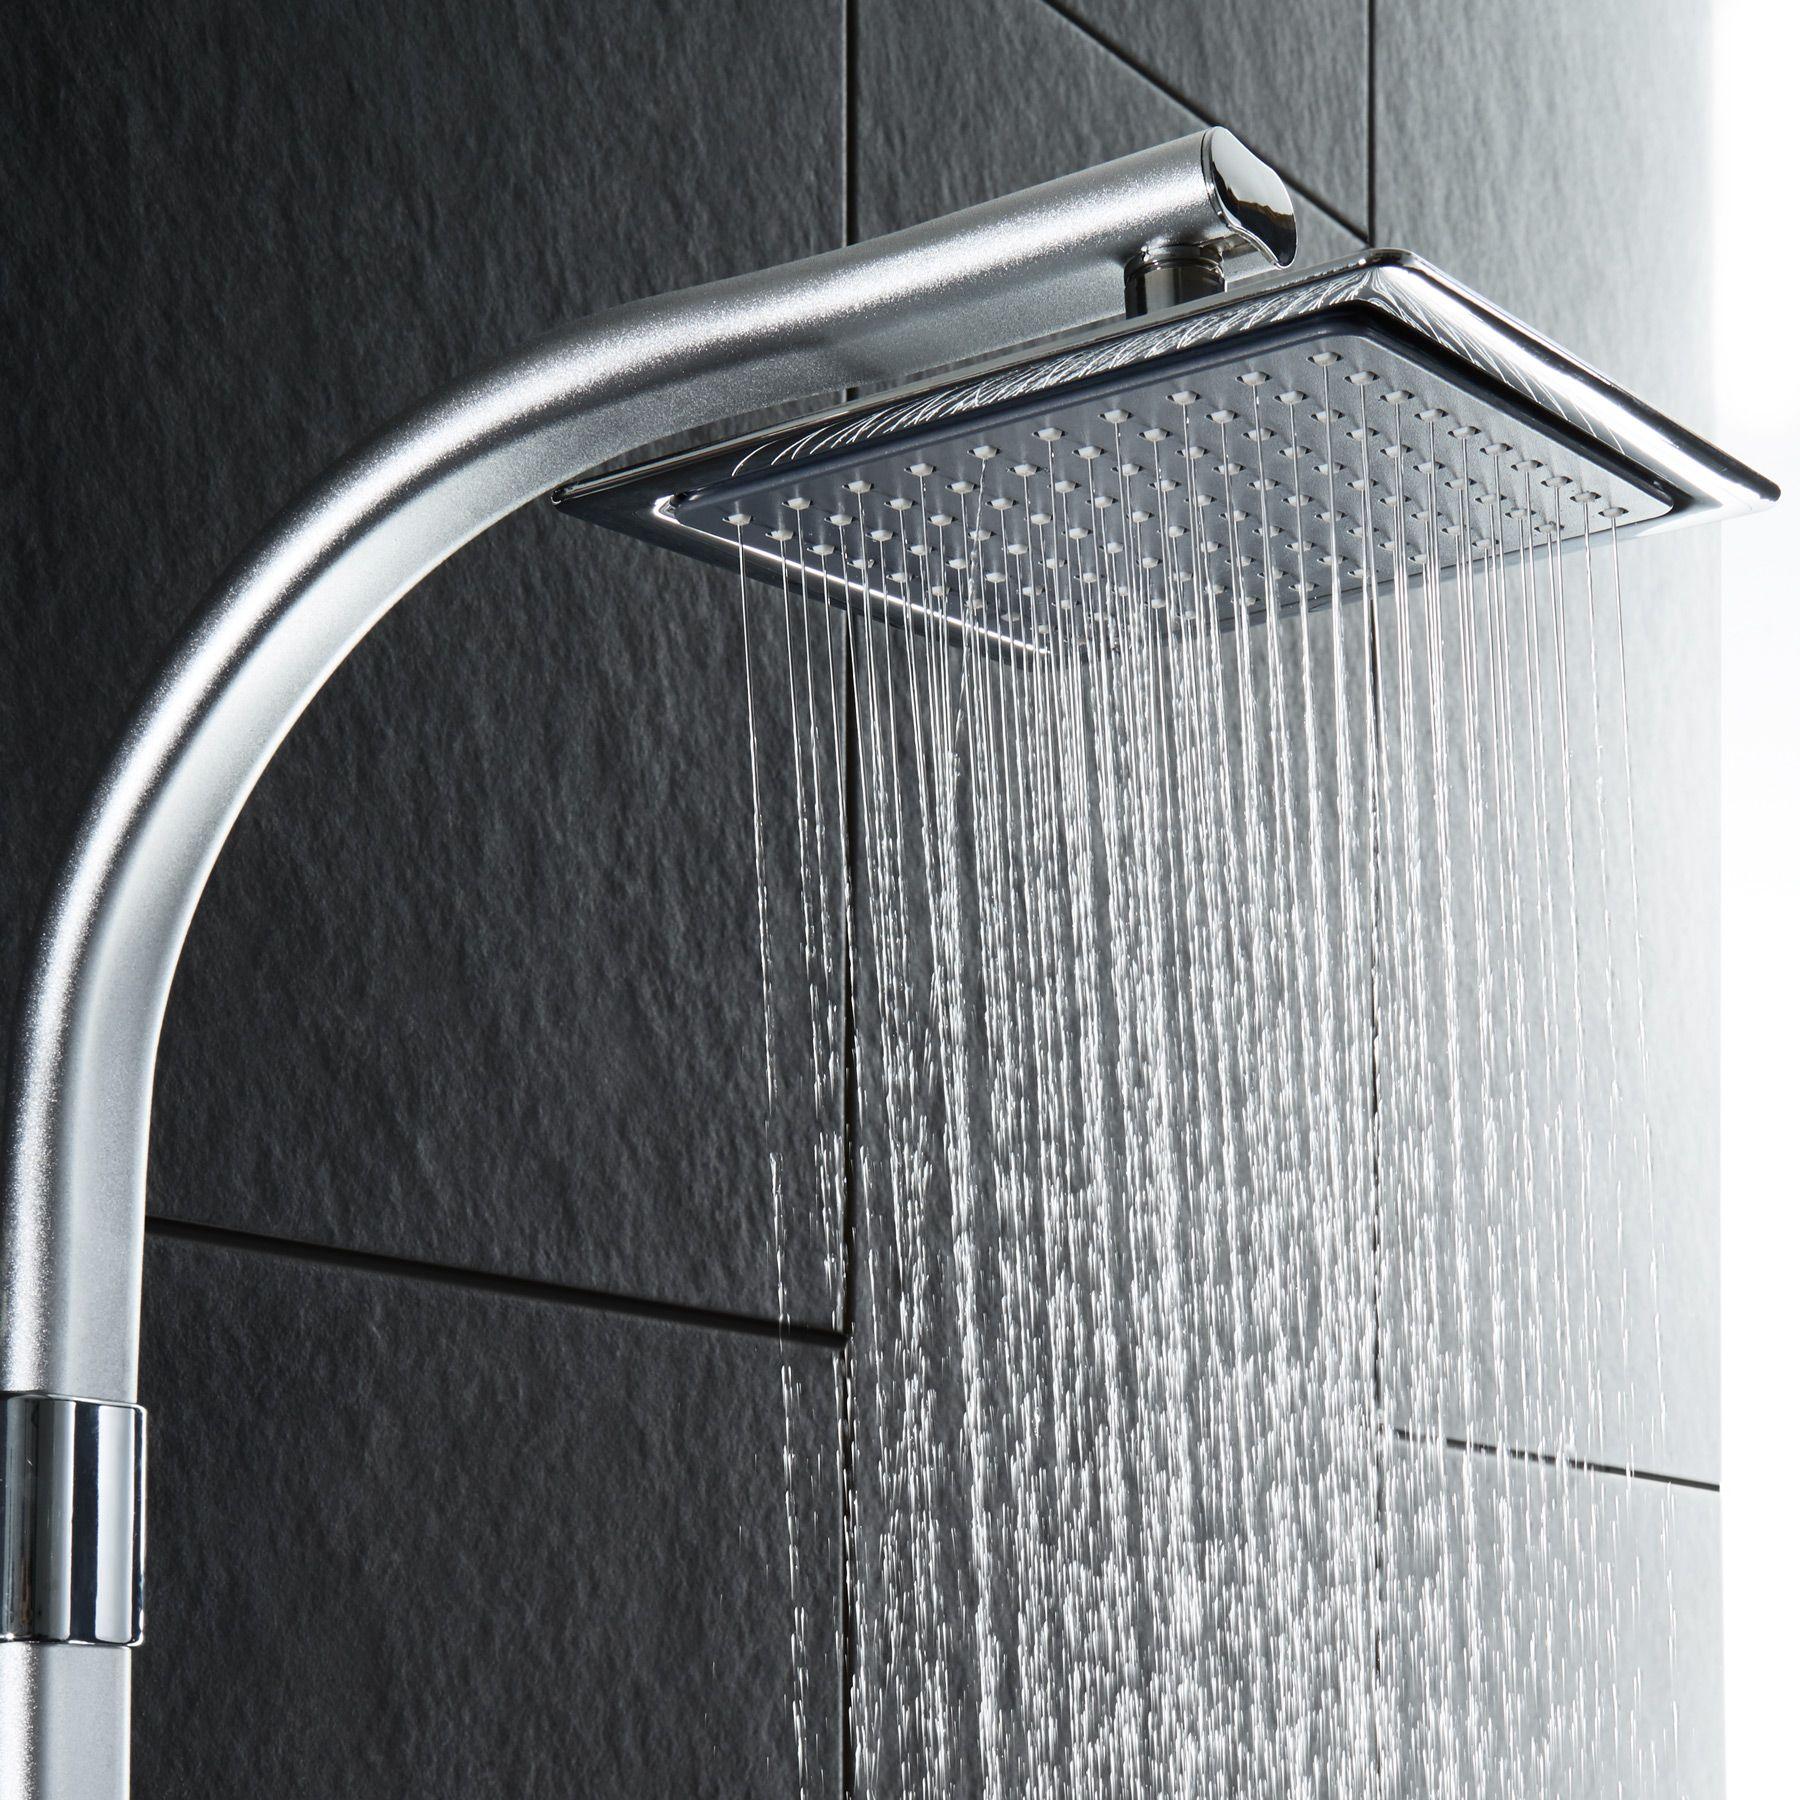 duschsystem regendusche duschset mit handbrause seifenablage duscharmatur dusche ebay. Black Bedroom Furniture Sets. Home Design Ideas